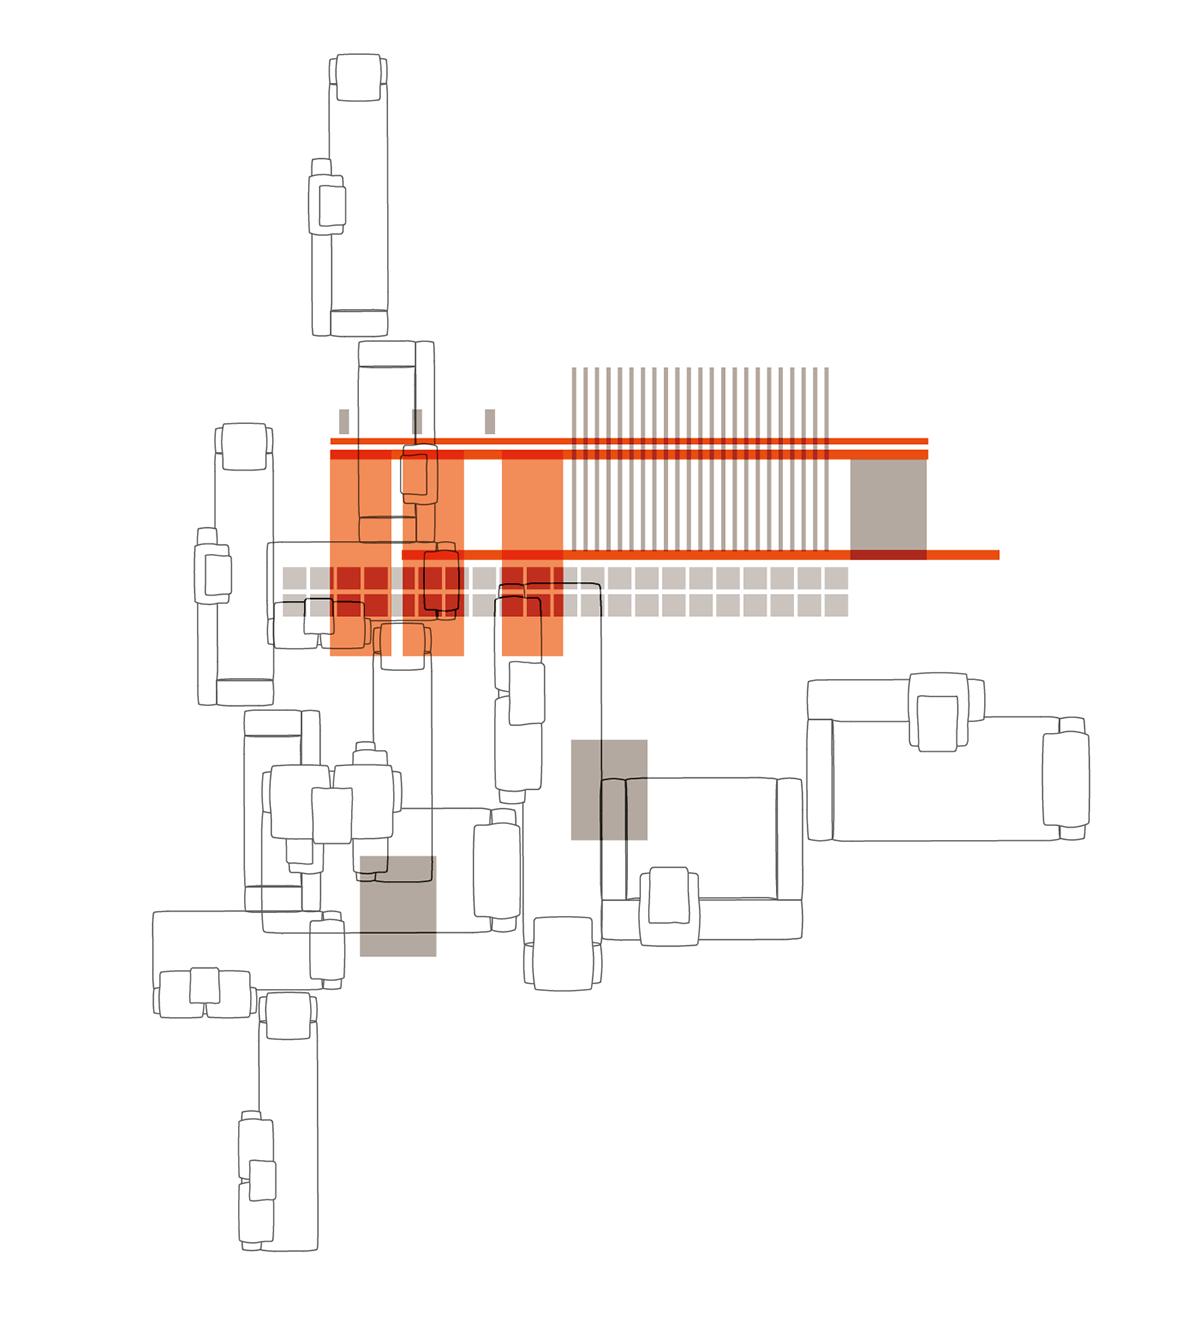 architecture architettura conceptual concettuale design Illustrator Vectorial vettoriale